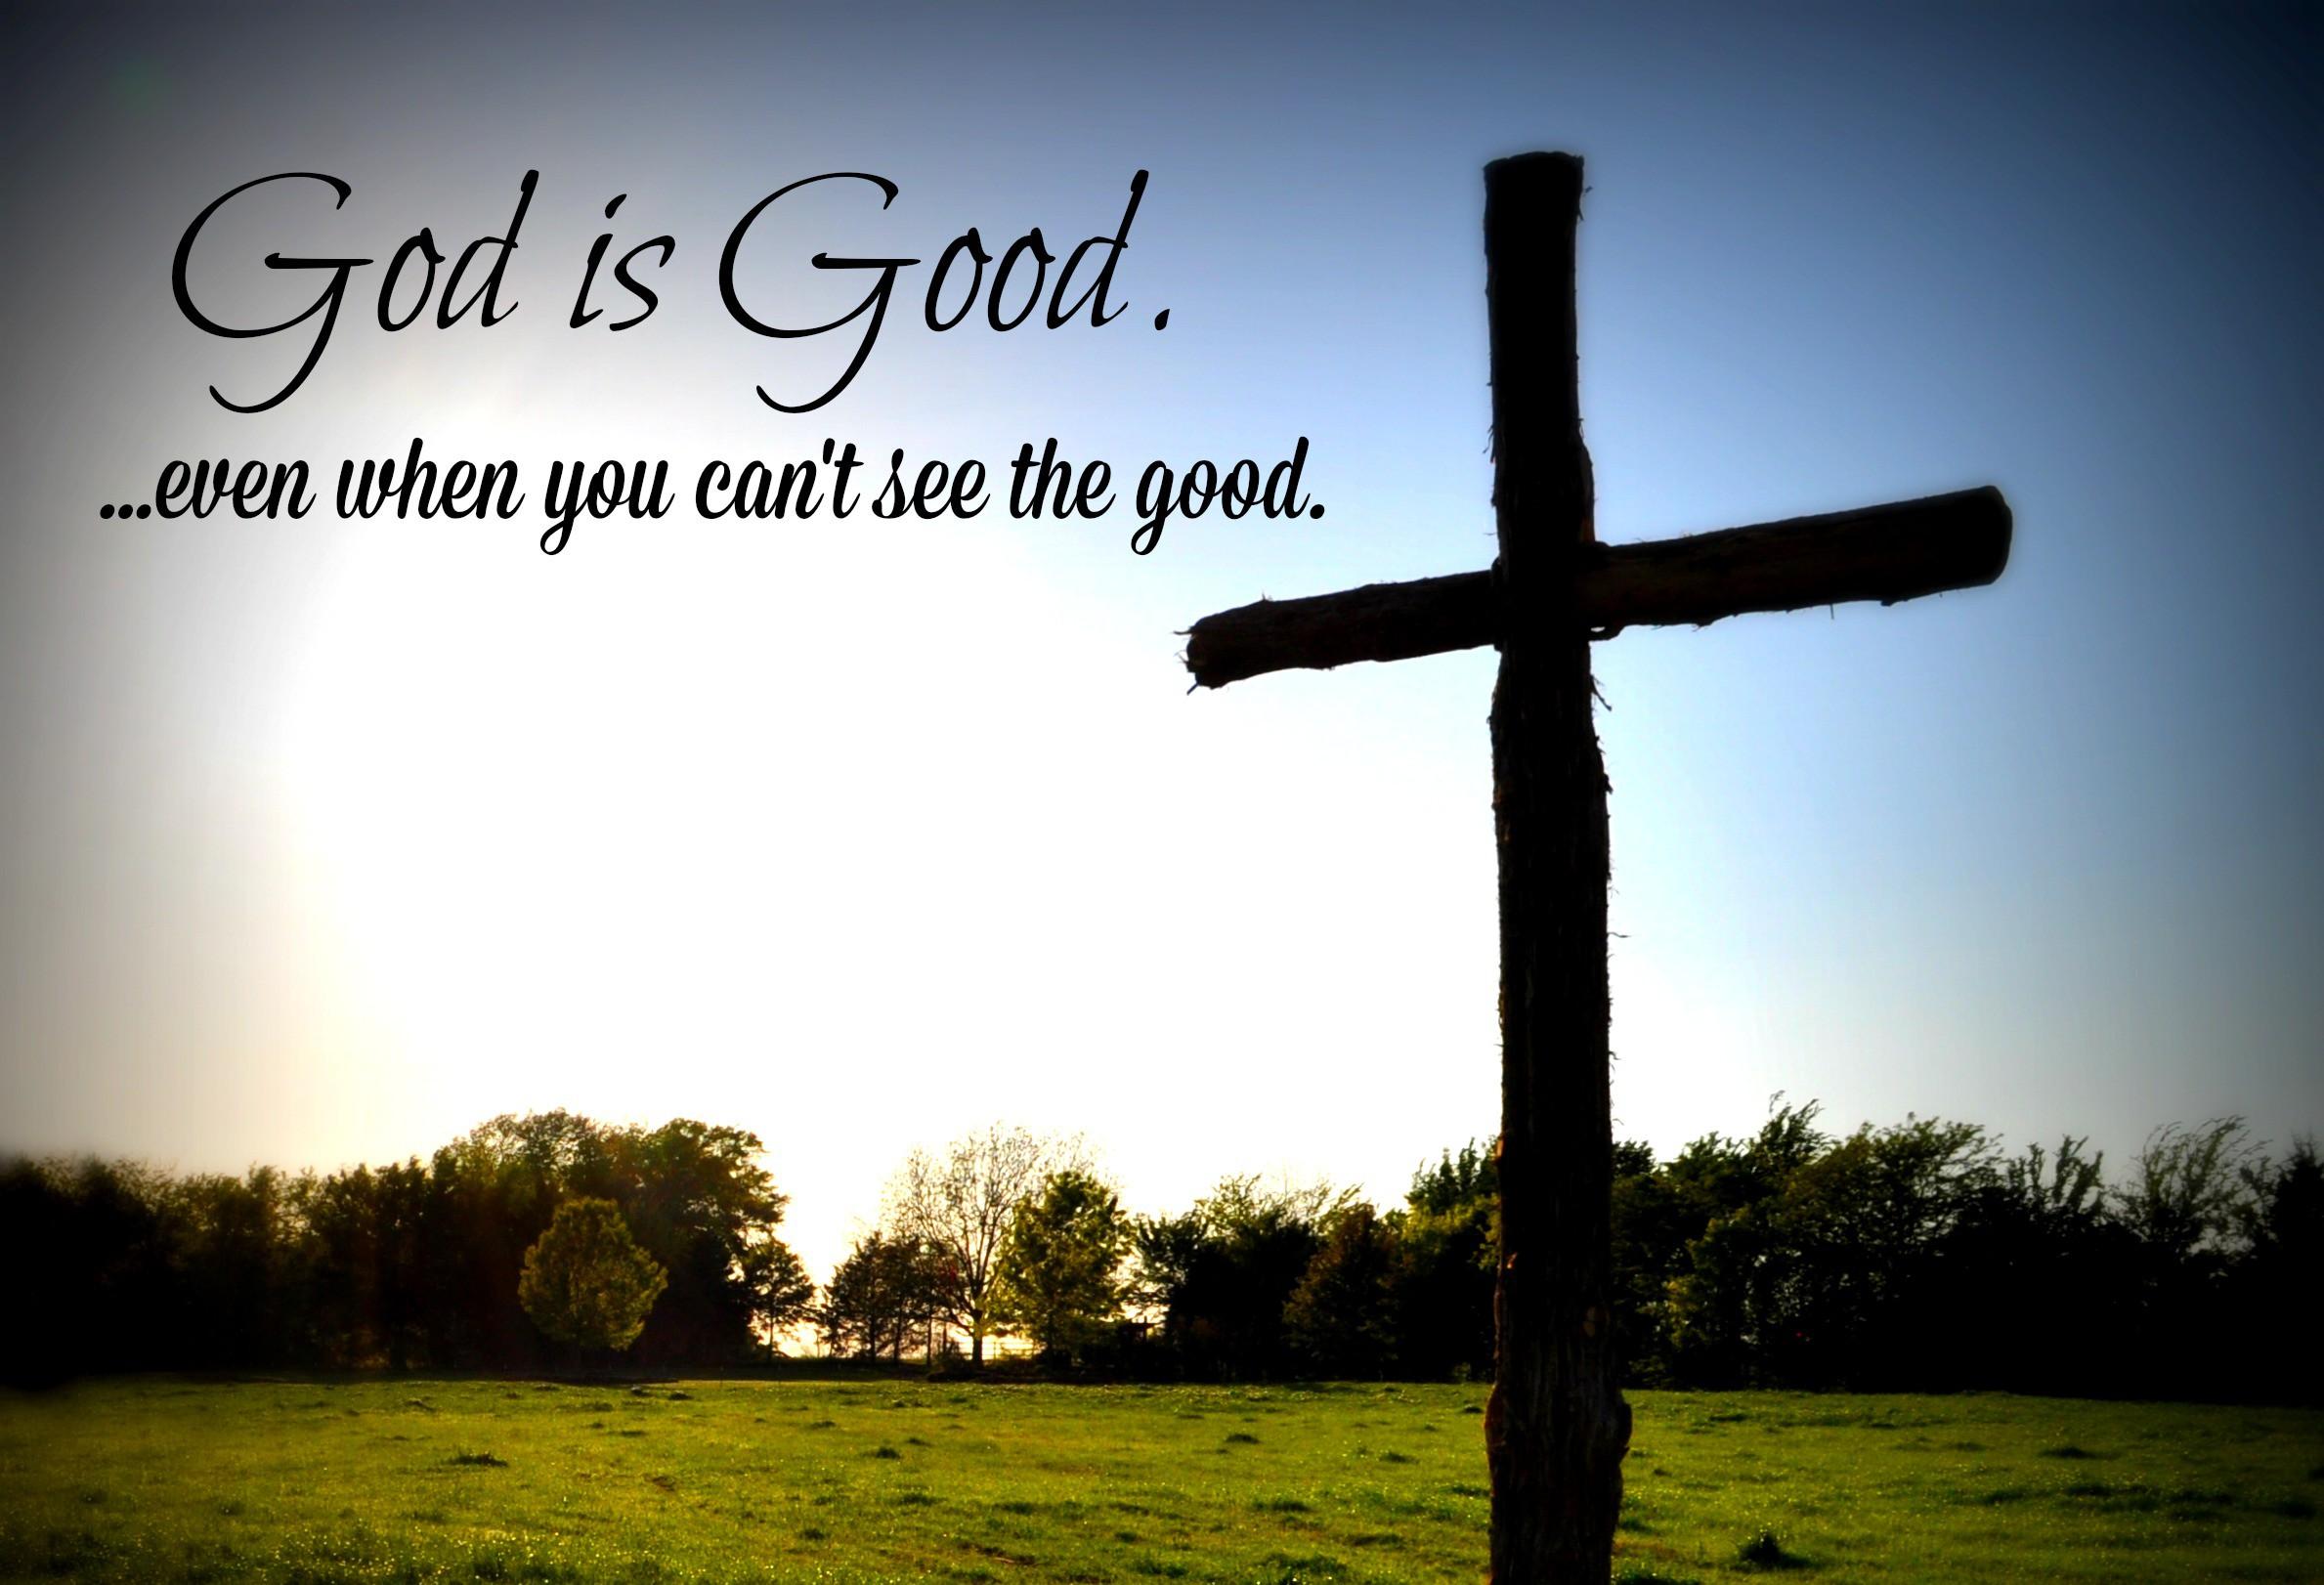 god-is-good-e1458298018797.jpg